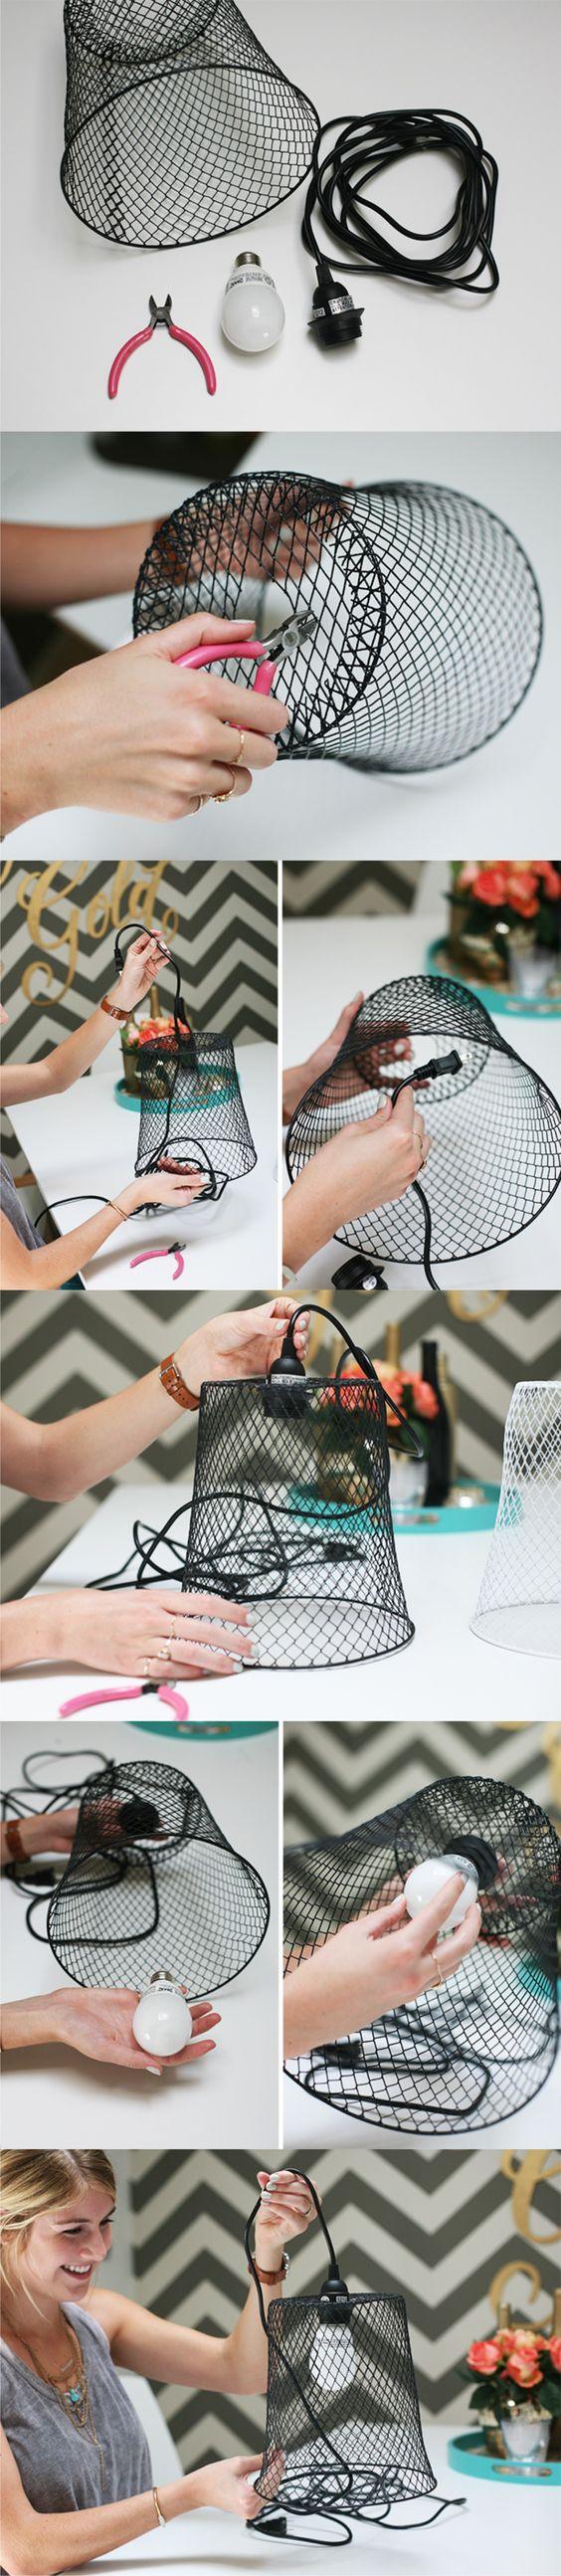 DIY Luminária a partir de uma lixeira metálica!: